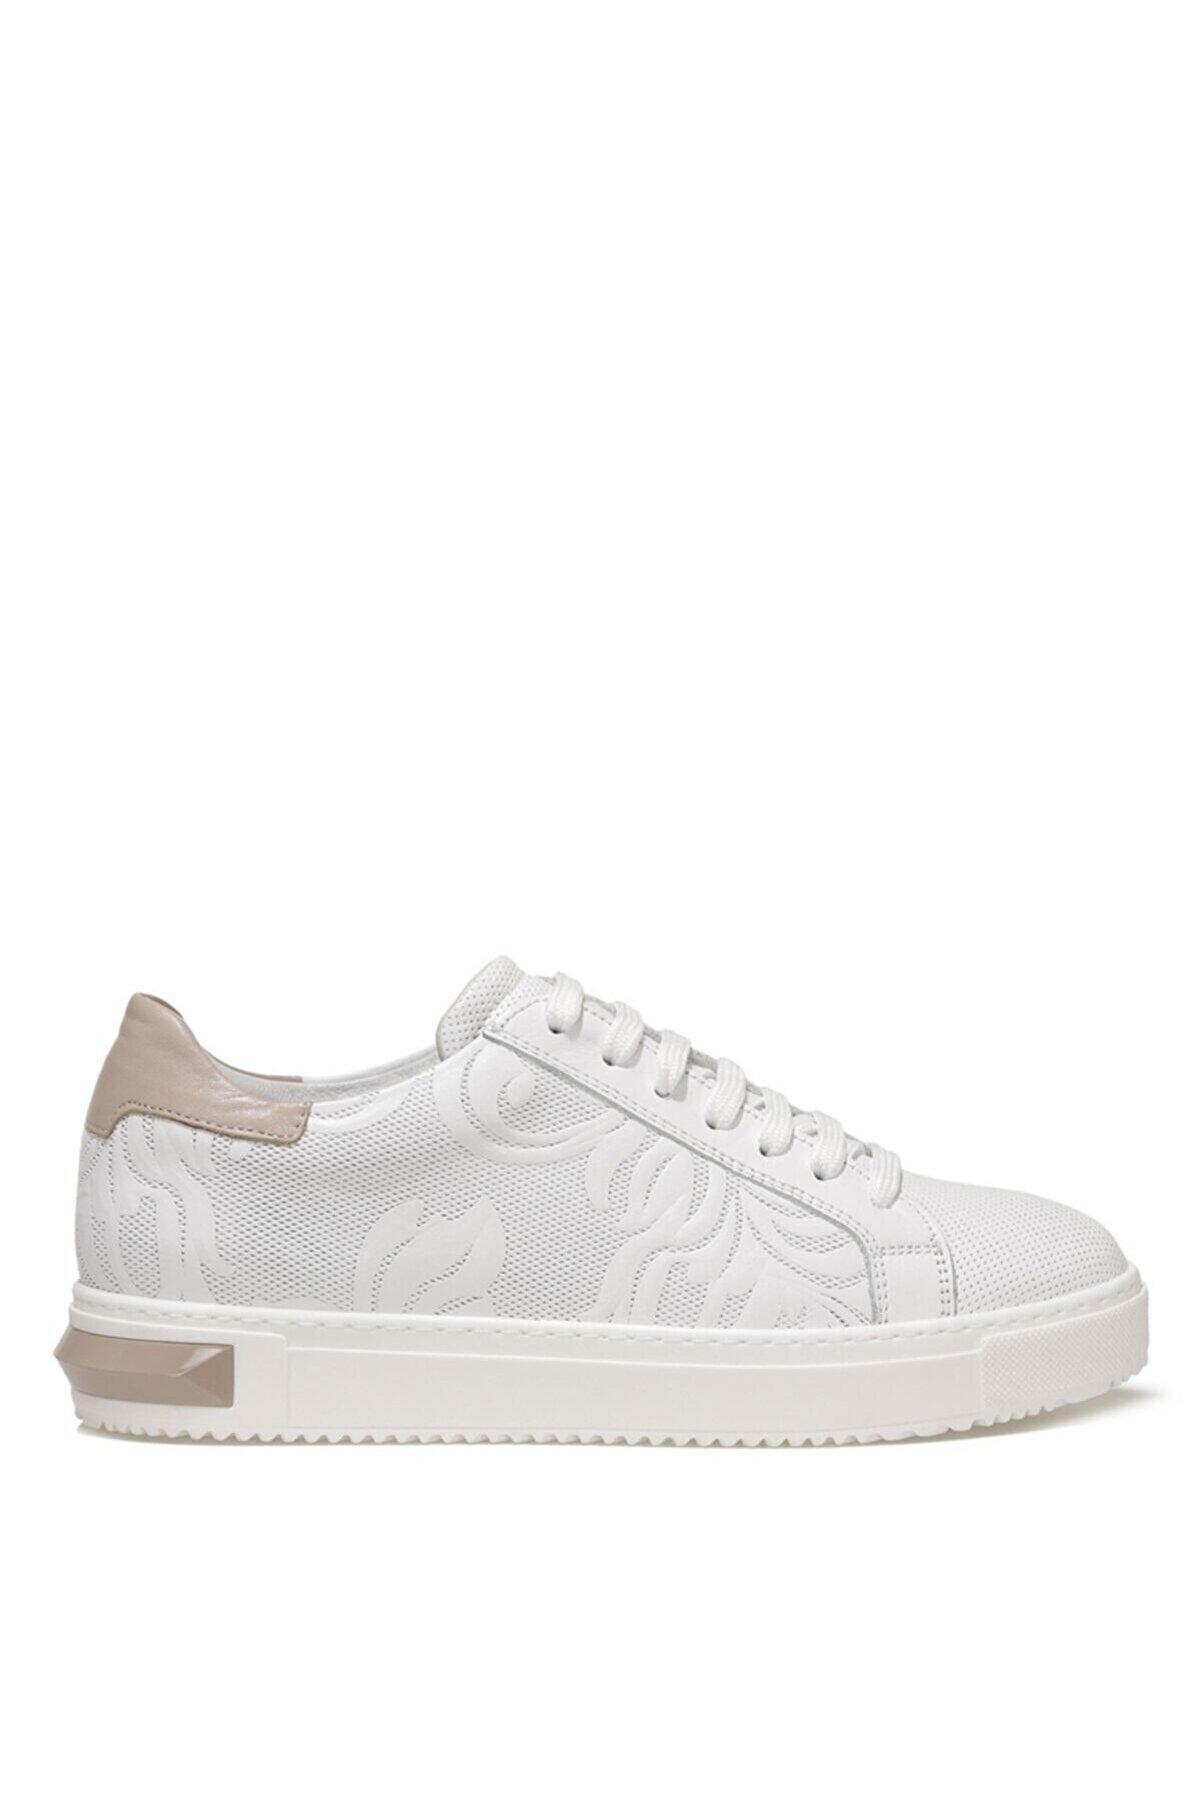 İnci BORN.Z 1FX Beyaz Kadın Spor Ayakkabı 101038254